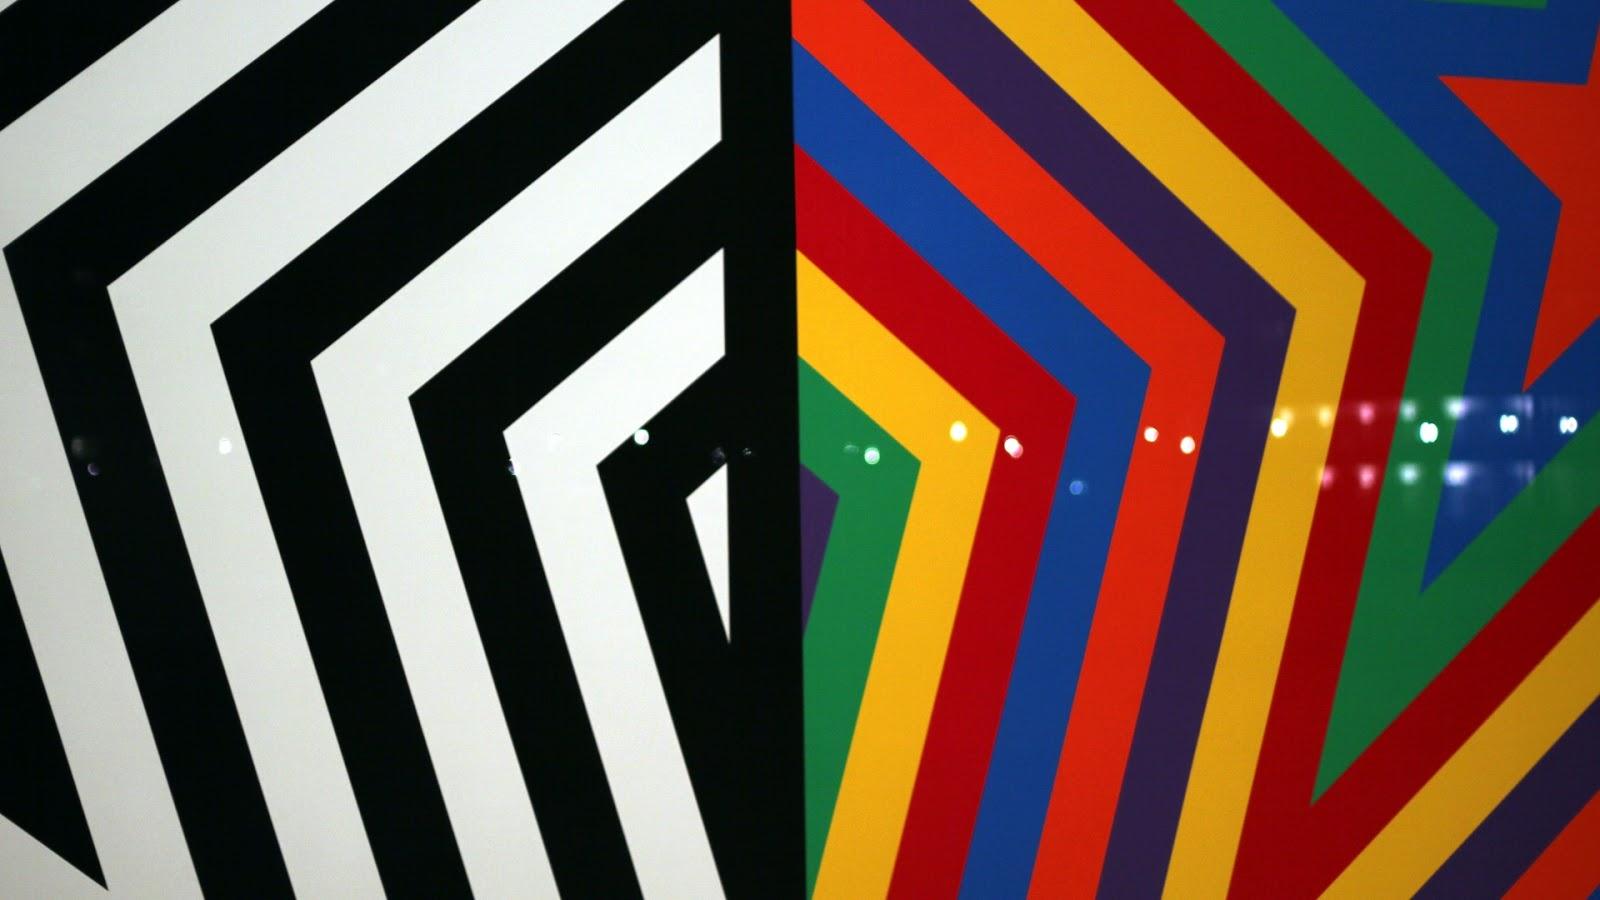 Imagenes zt descarga fondos hd fondo de pantalla for Imagenes de cuadros abstractos en blanco y negro